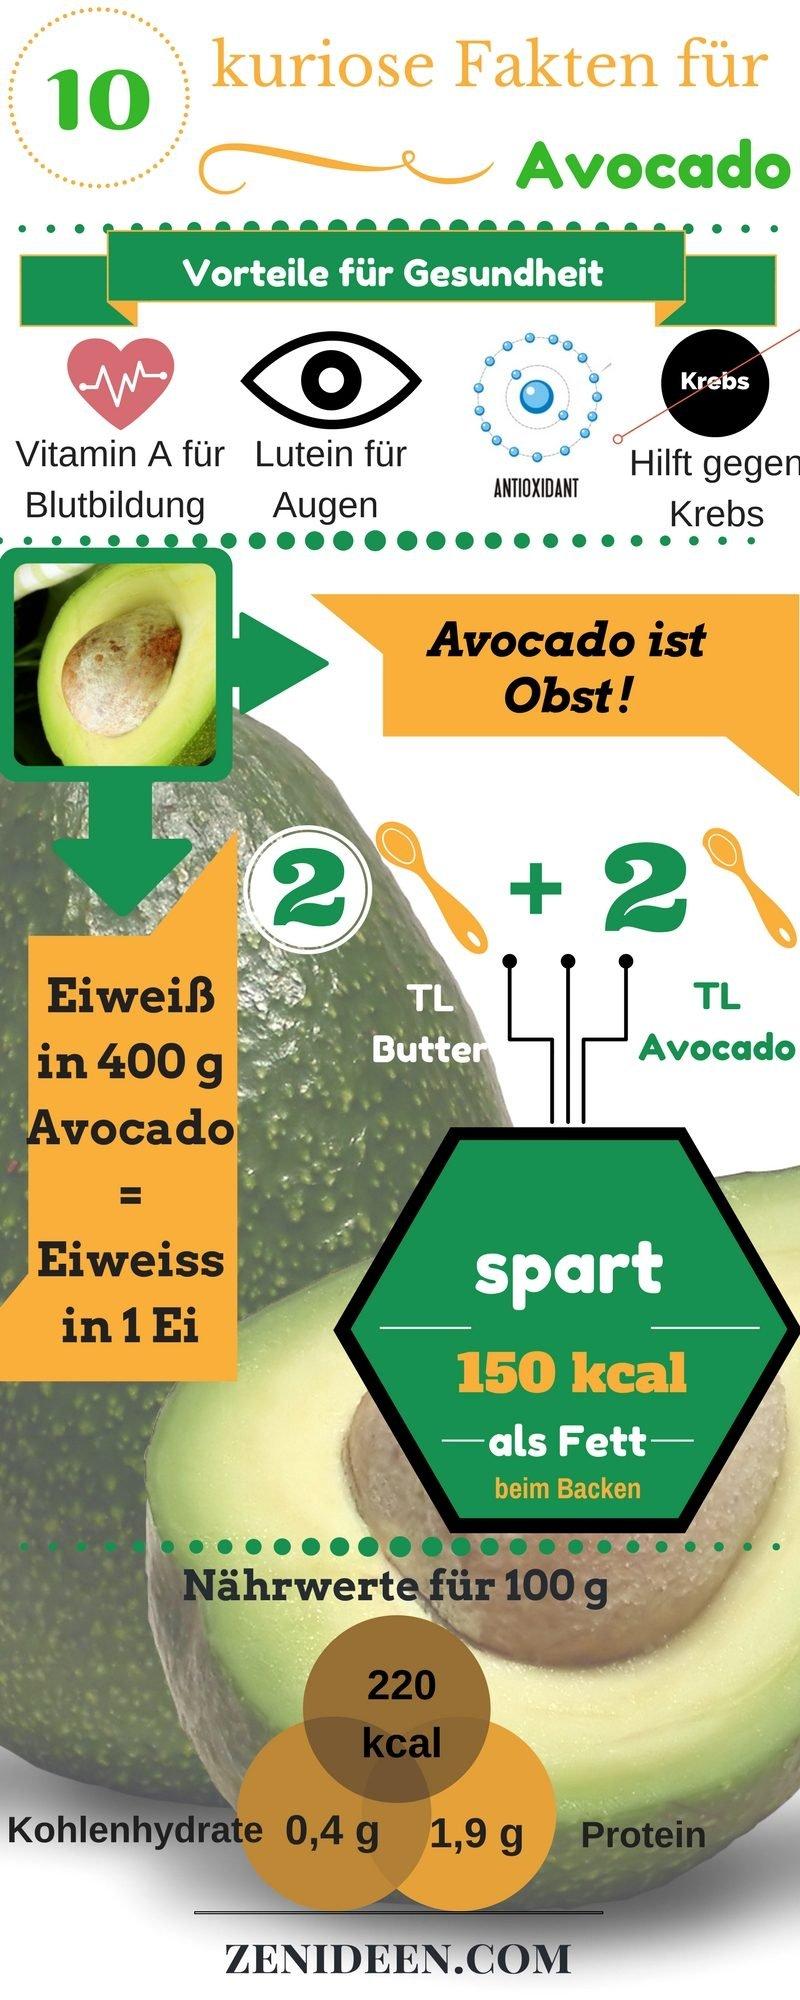 Diese Fakten über Avocado werden Sie nicht glauben!